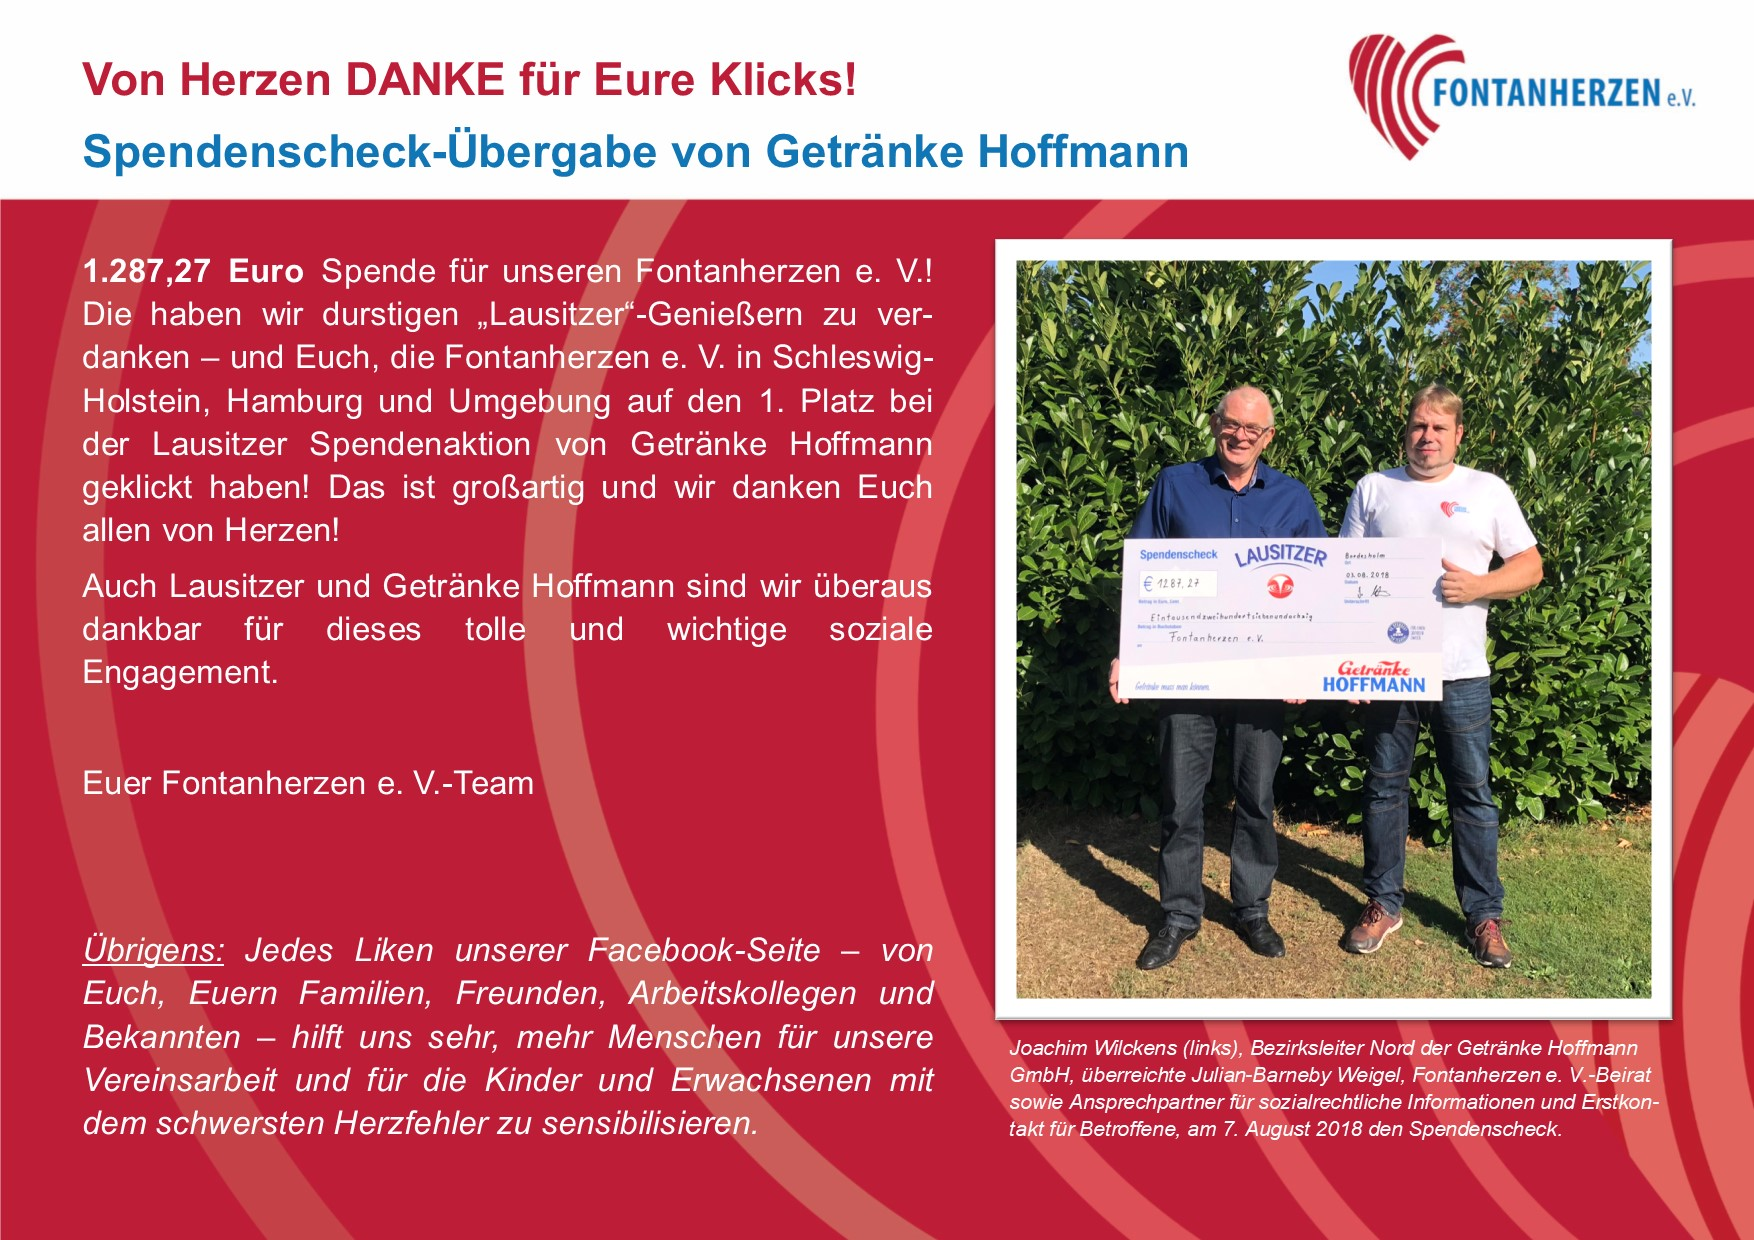 Spendenscheck-Übergabe von Getränke Hoffmann   Fontanherzen e. V.